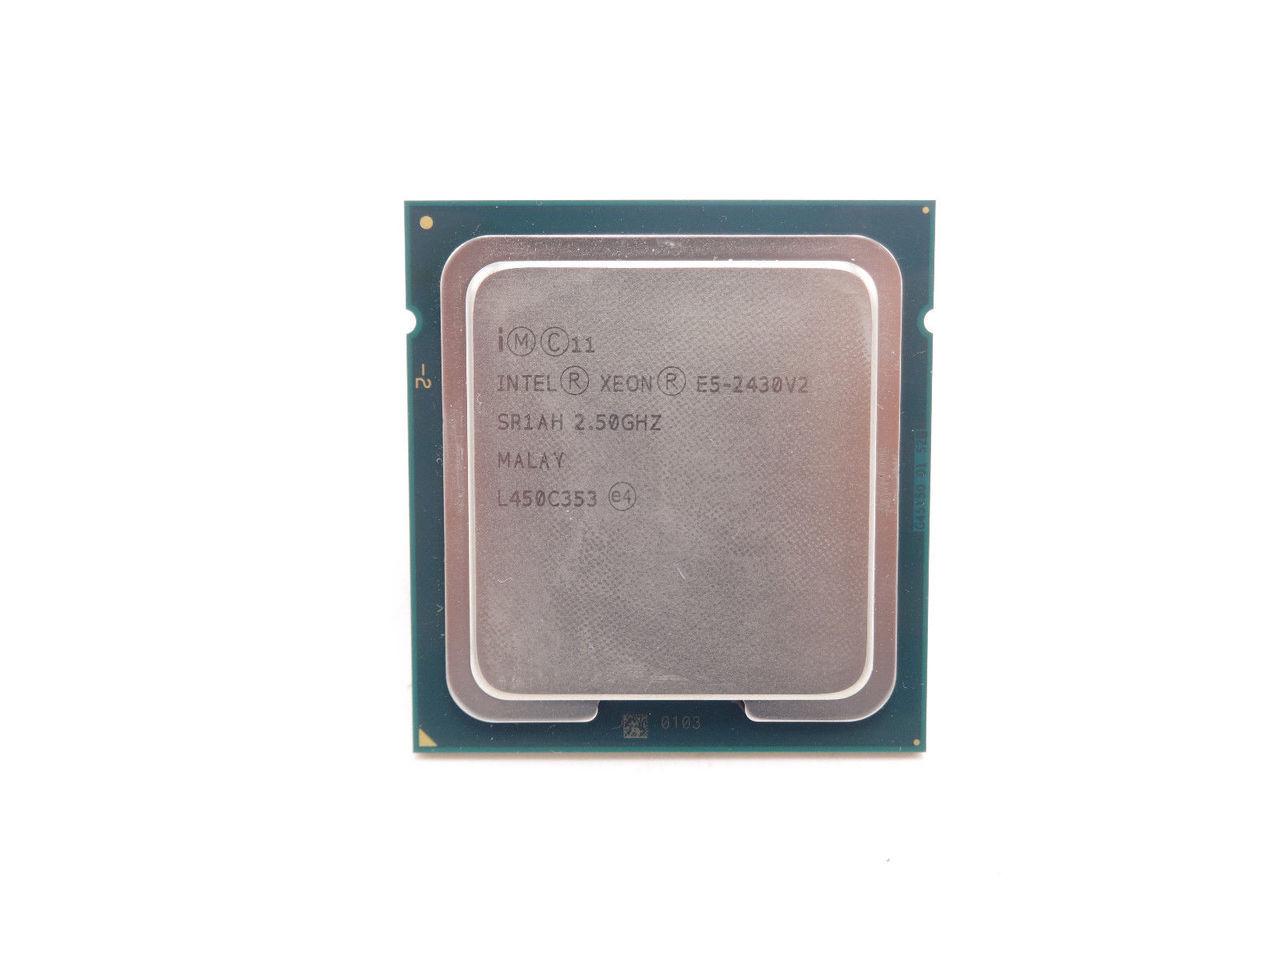 SR1AH Intel Intel E5-2430 V2 2.5GHZ 6C Processor